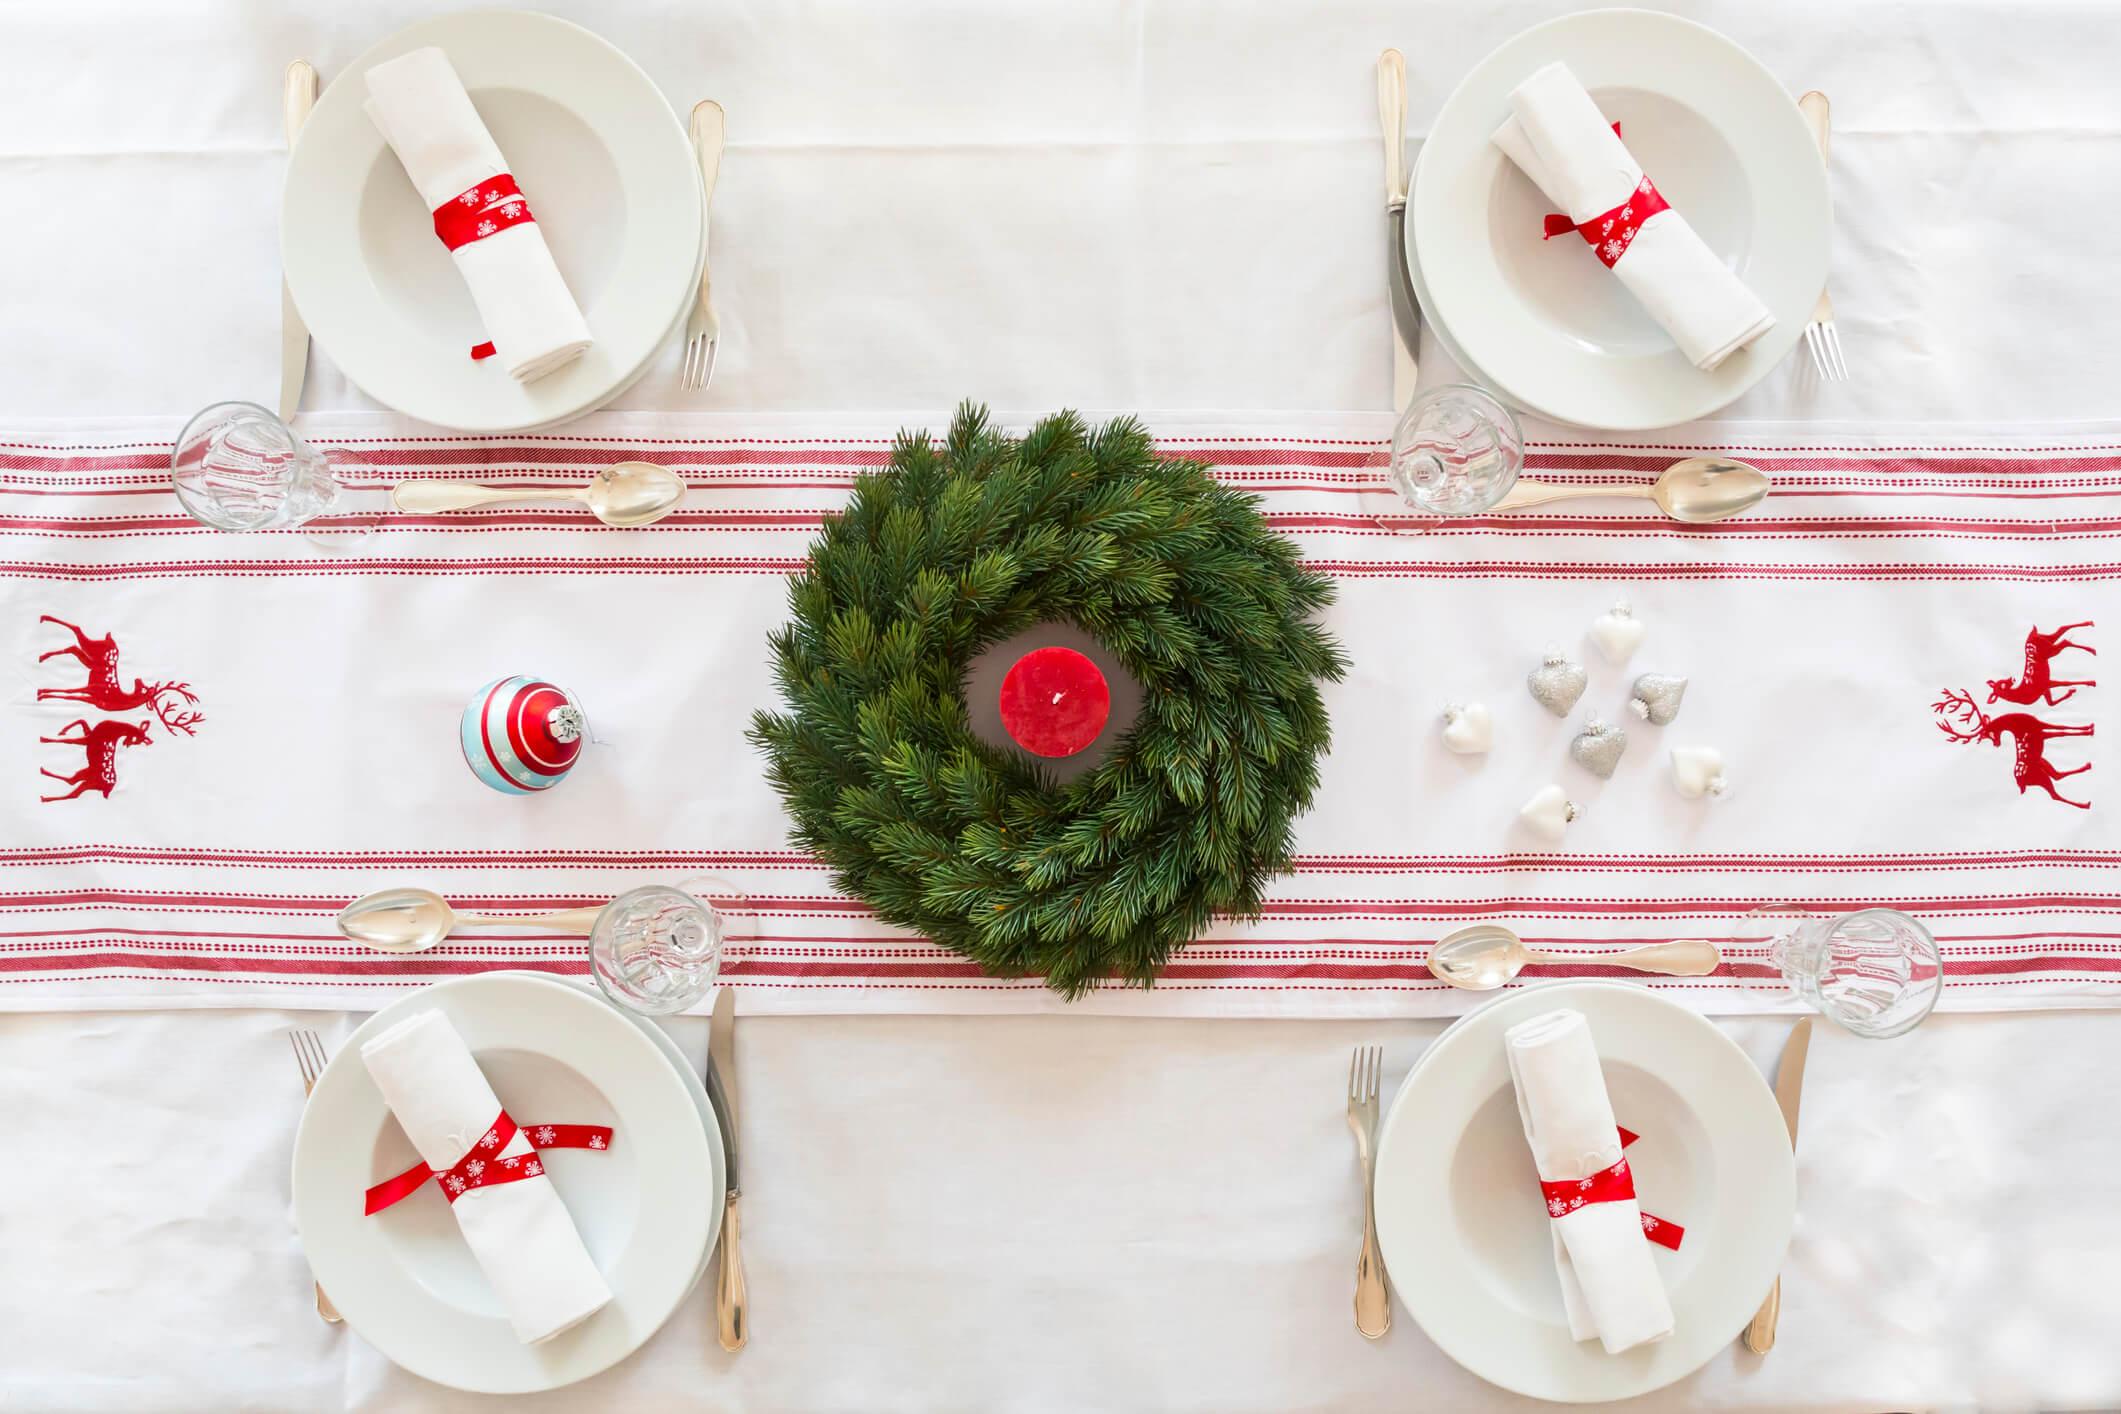 Новогодний переполох: как красиво украсить праздничный стол-Фото 2